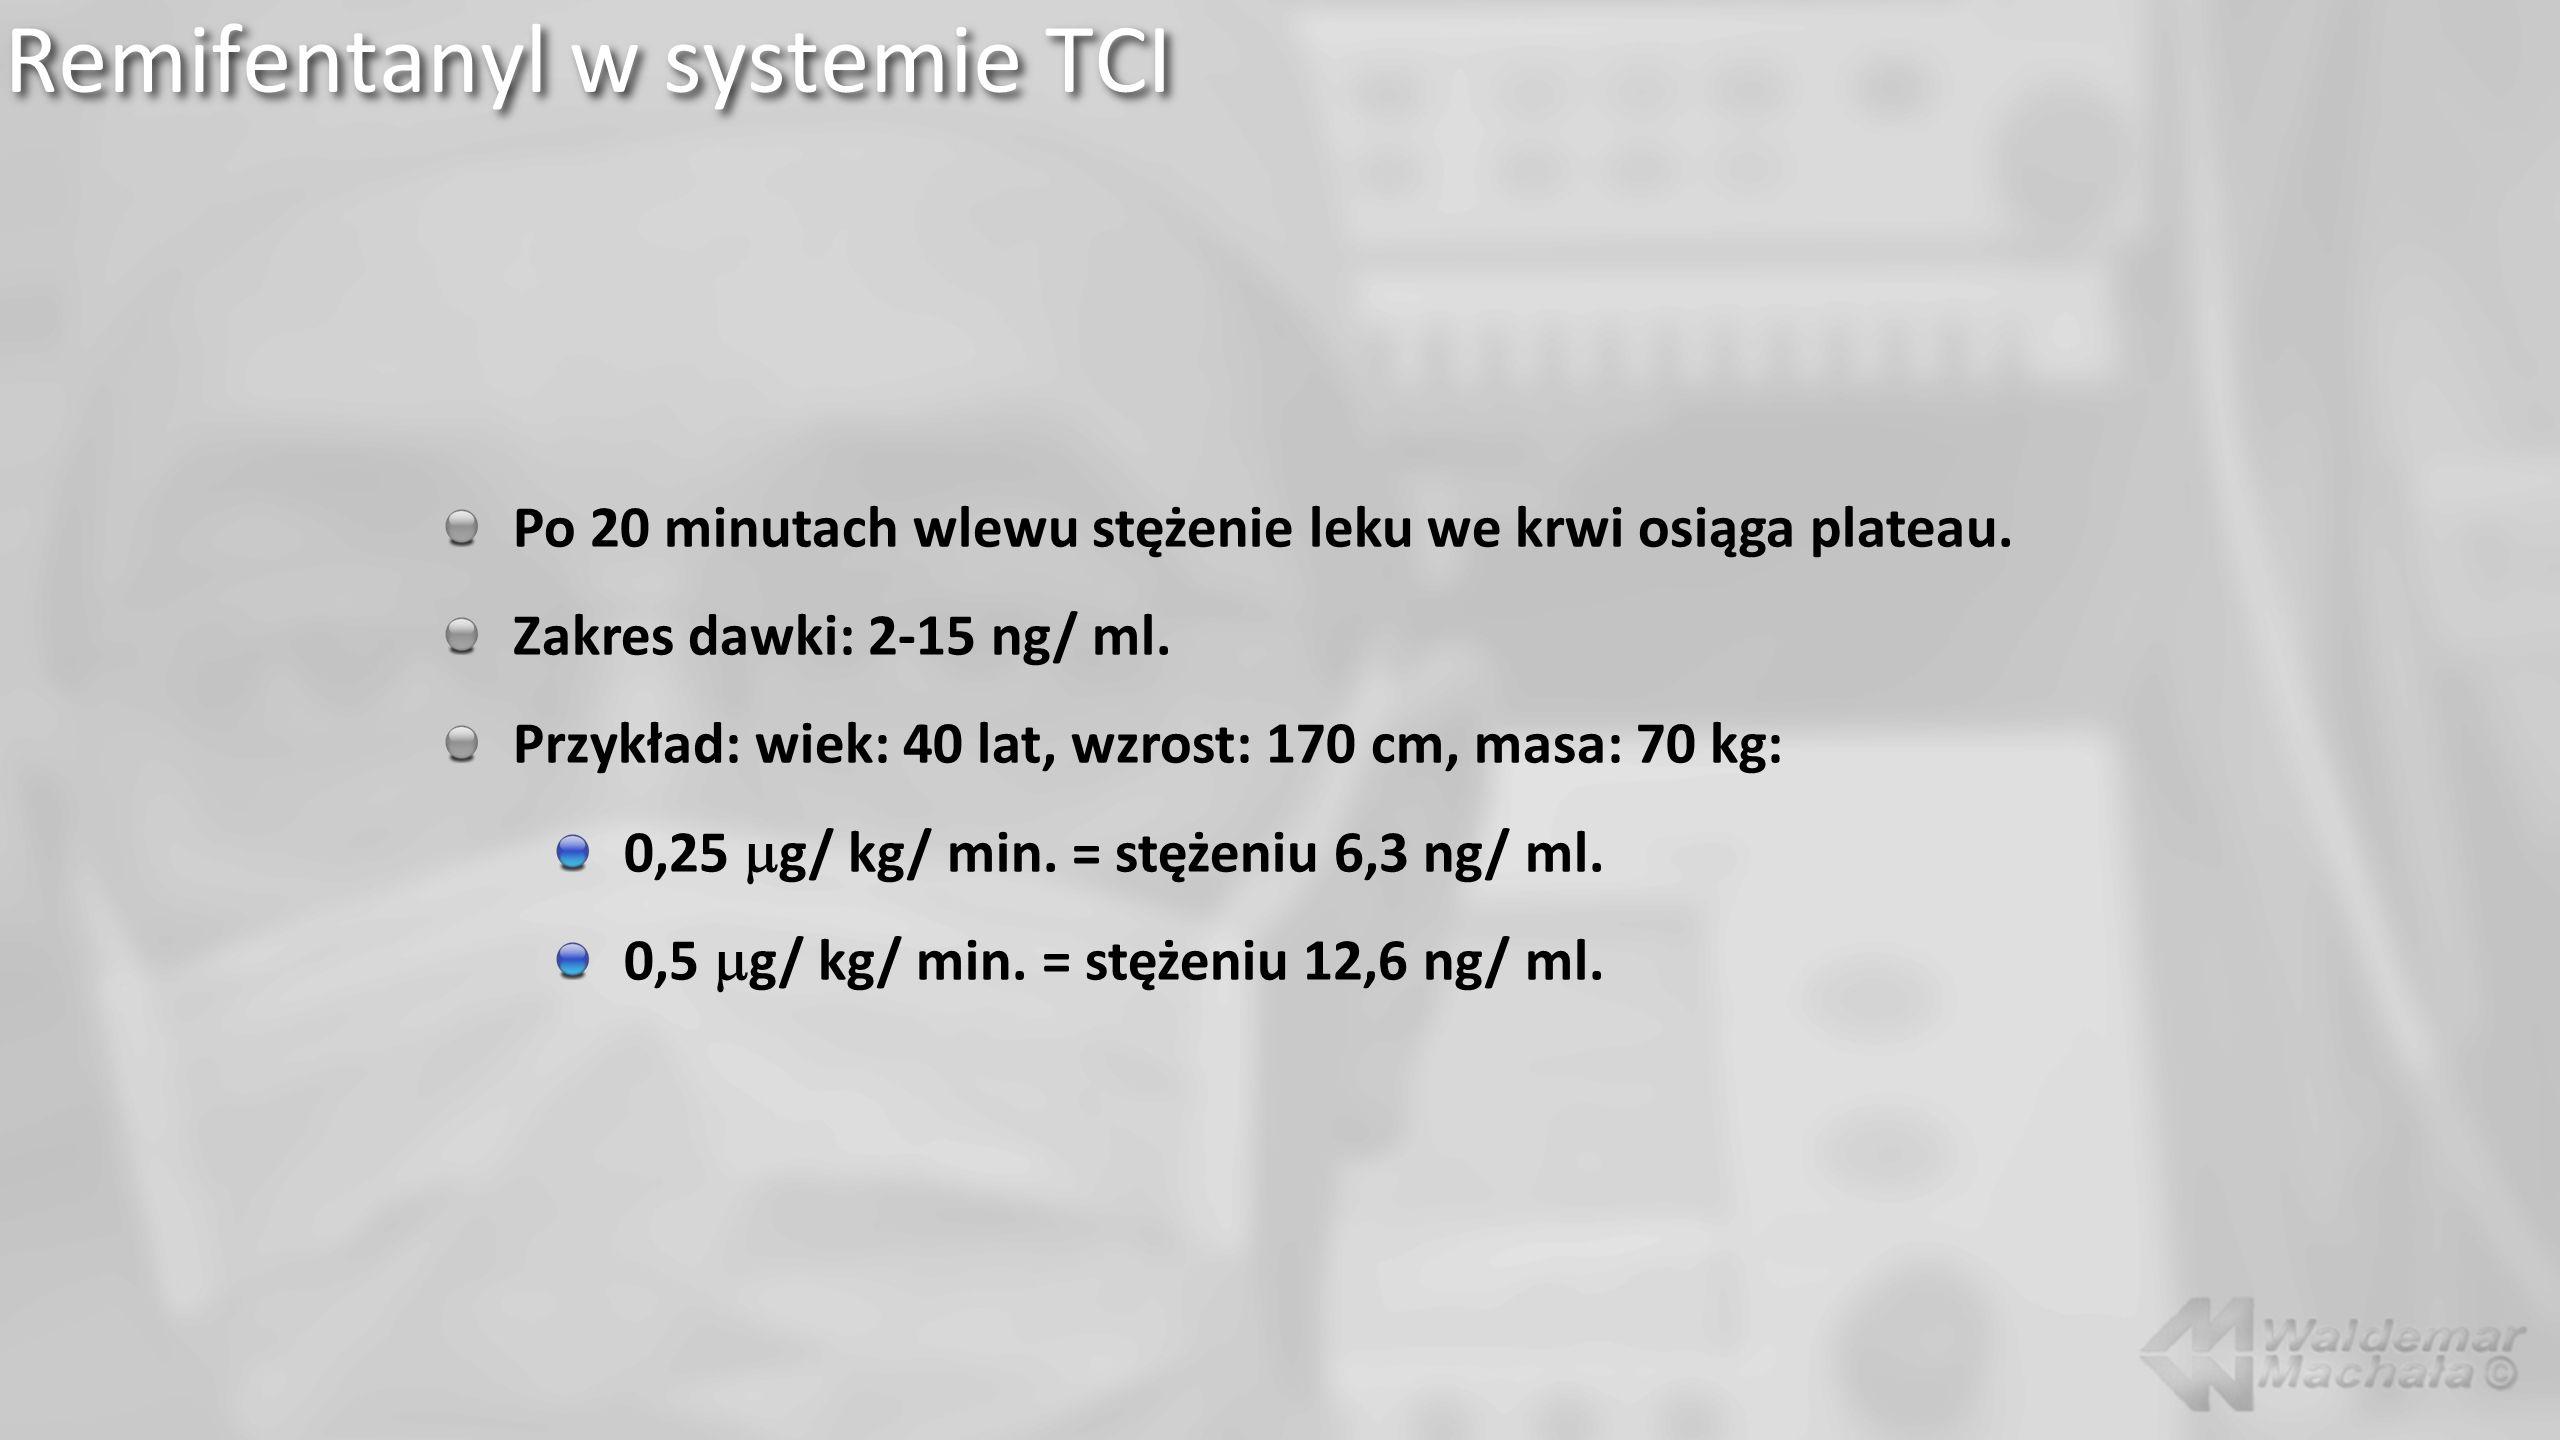 Remifentanyl w systemie TCI Po 20 minutach wlewu stężenie leku we krwi osiąga plateau. Zakres dawki: 2-15 ng/ ml. Przykład: wiek: 40 lat, wzrost: 170